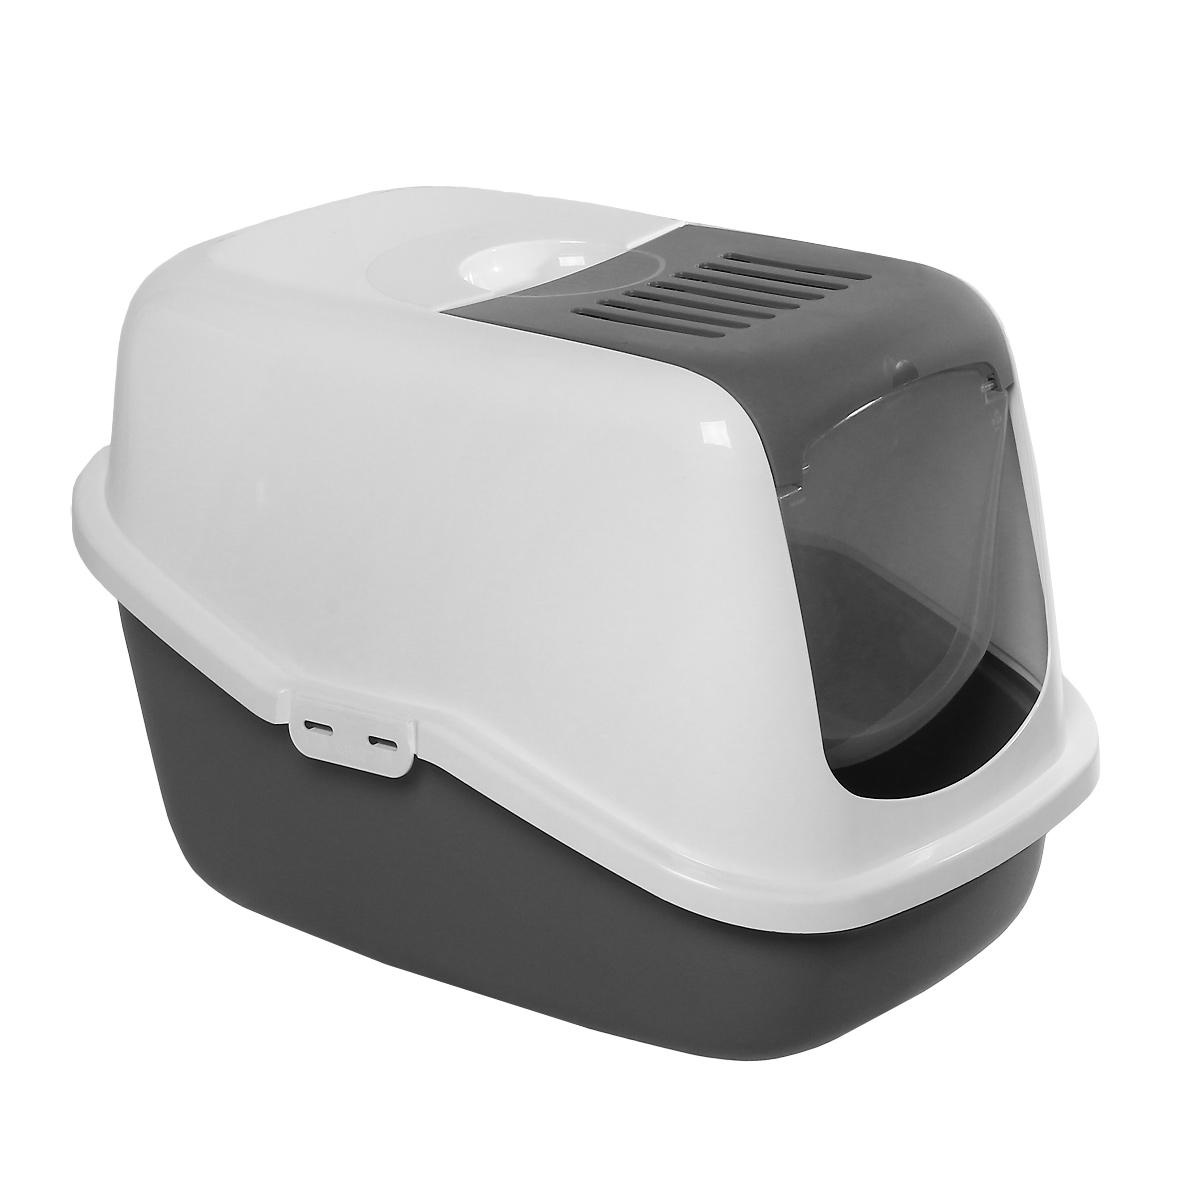 Туалет для кошек Savic Nestor, закрытый, цвет: белый, светло-серый, 56 см х 39 см х 38,5 см2460Туалет для кошек Savic Nestor изготовлен из качественного прочного пластика в виде домика. Легкая прозрачная пластиковая крышка предотвратит распространение запаха в доме.Это самый простой в употреблении предмет обихода для кошек и котов.Фильтр в комплект не входит.